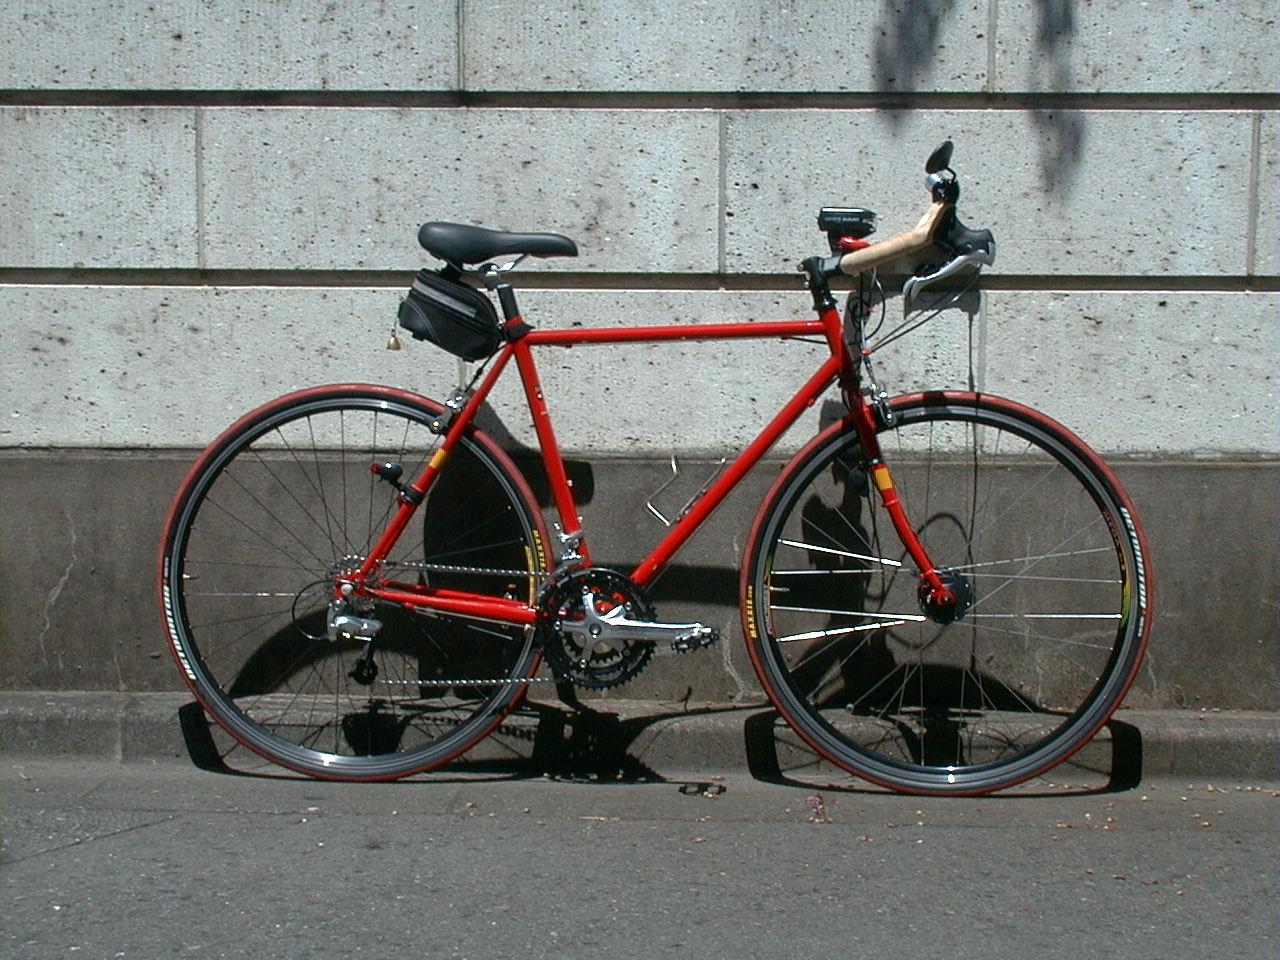 自転車の 自転車 車の中 固定 : クロモリフレーム、シマノ ...